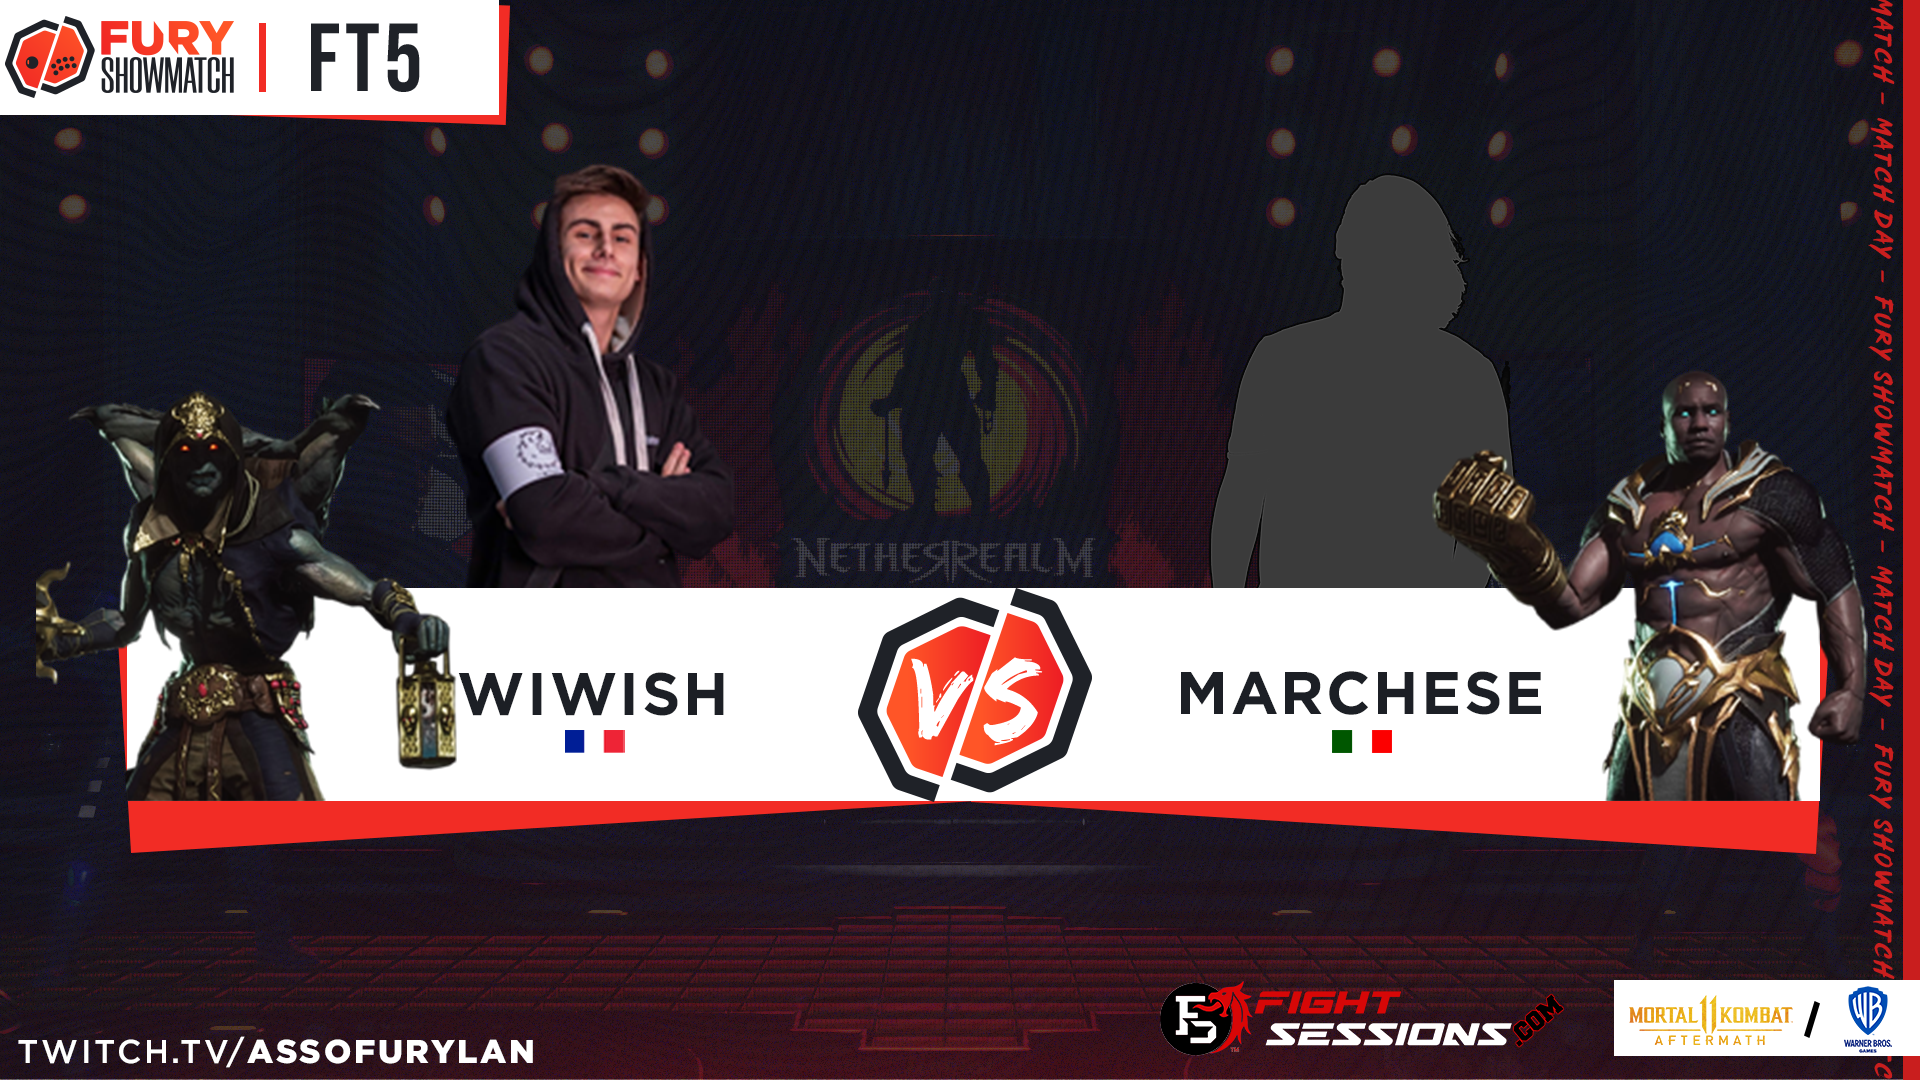 WIWISH vs MARCHESE